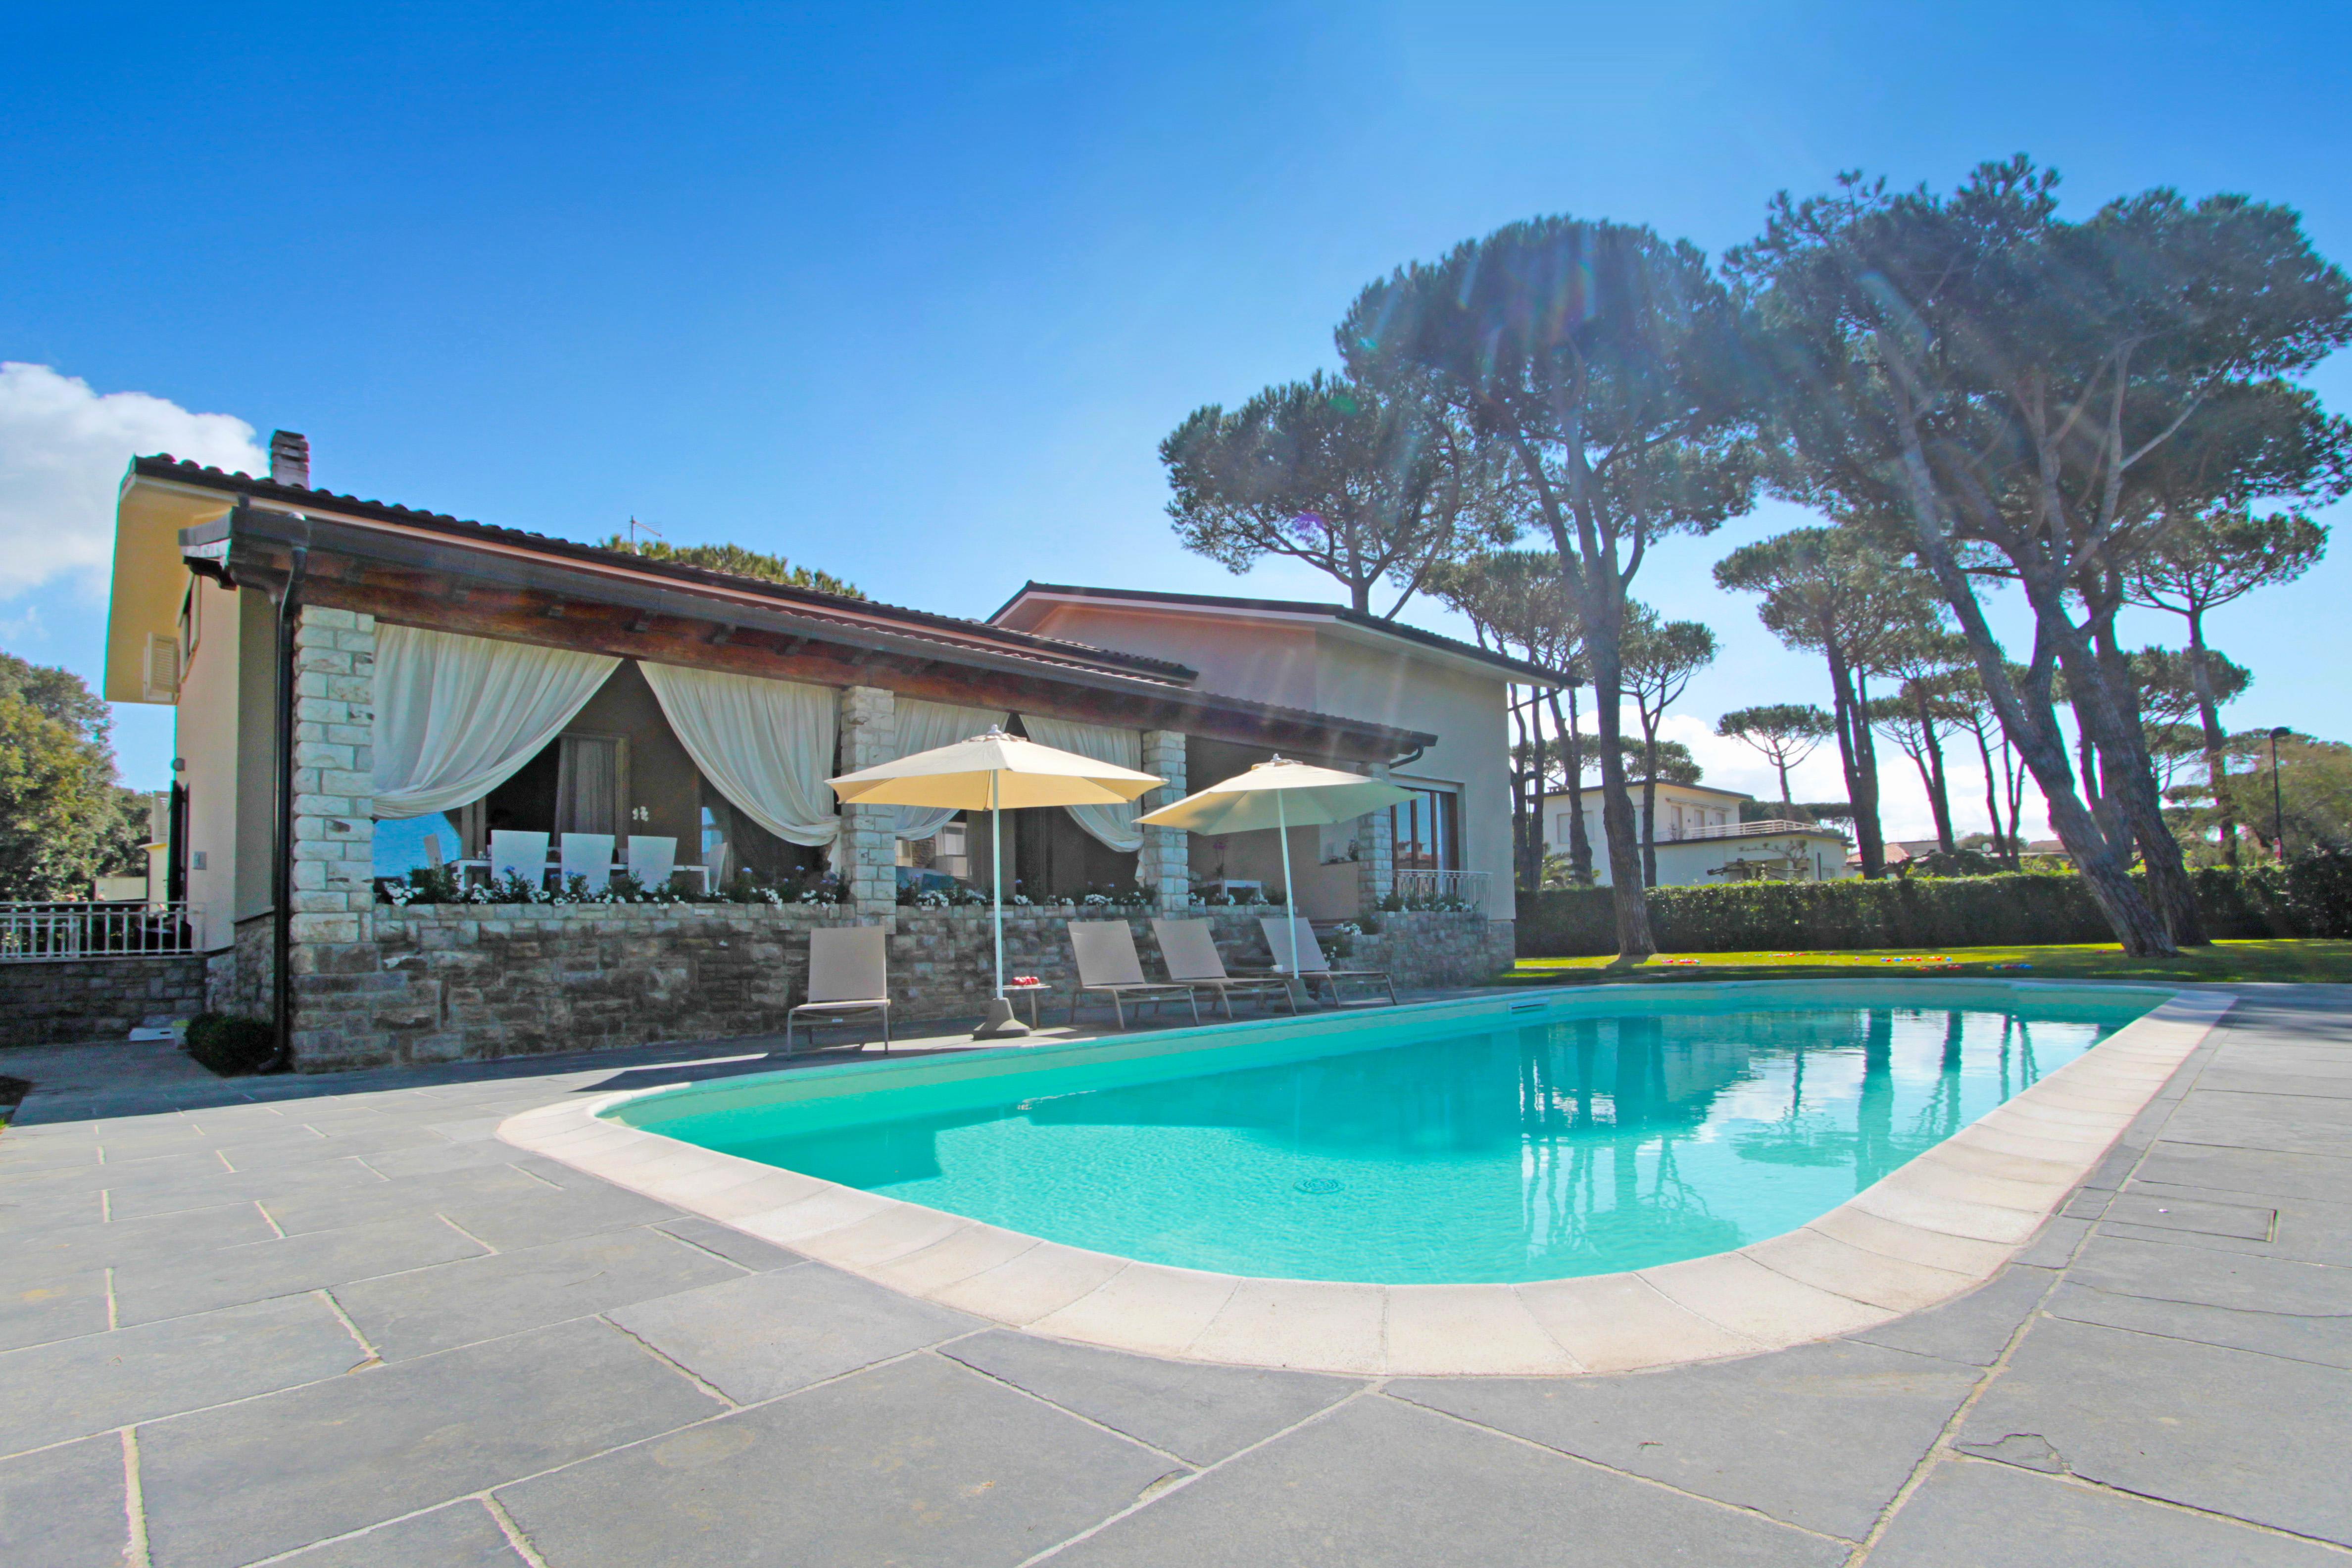 Casa de vacaciones diva in marina pietrasanta italia - Vacaciones en casa ...